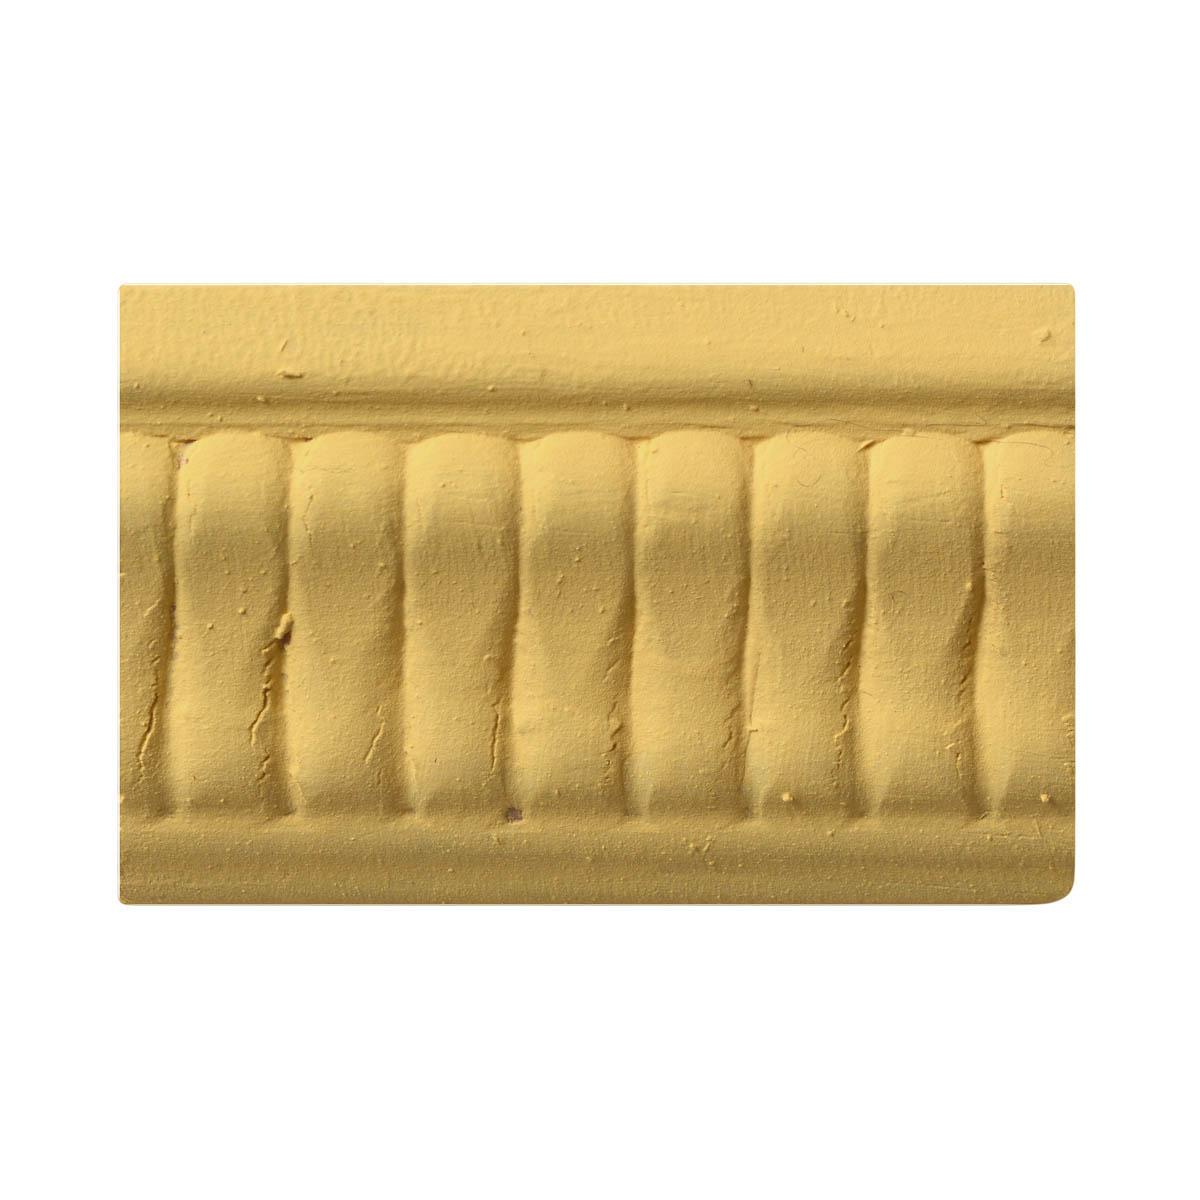 Waverly ® Inspirations Chalk Finish Acrylic Paint - Maize, 16 oz. - 60750E